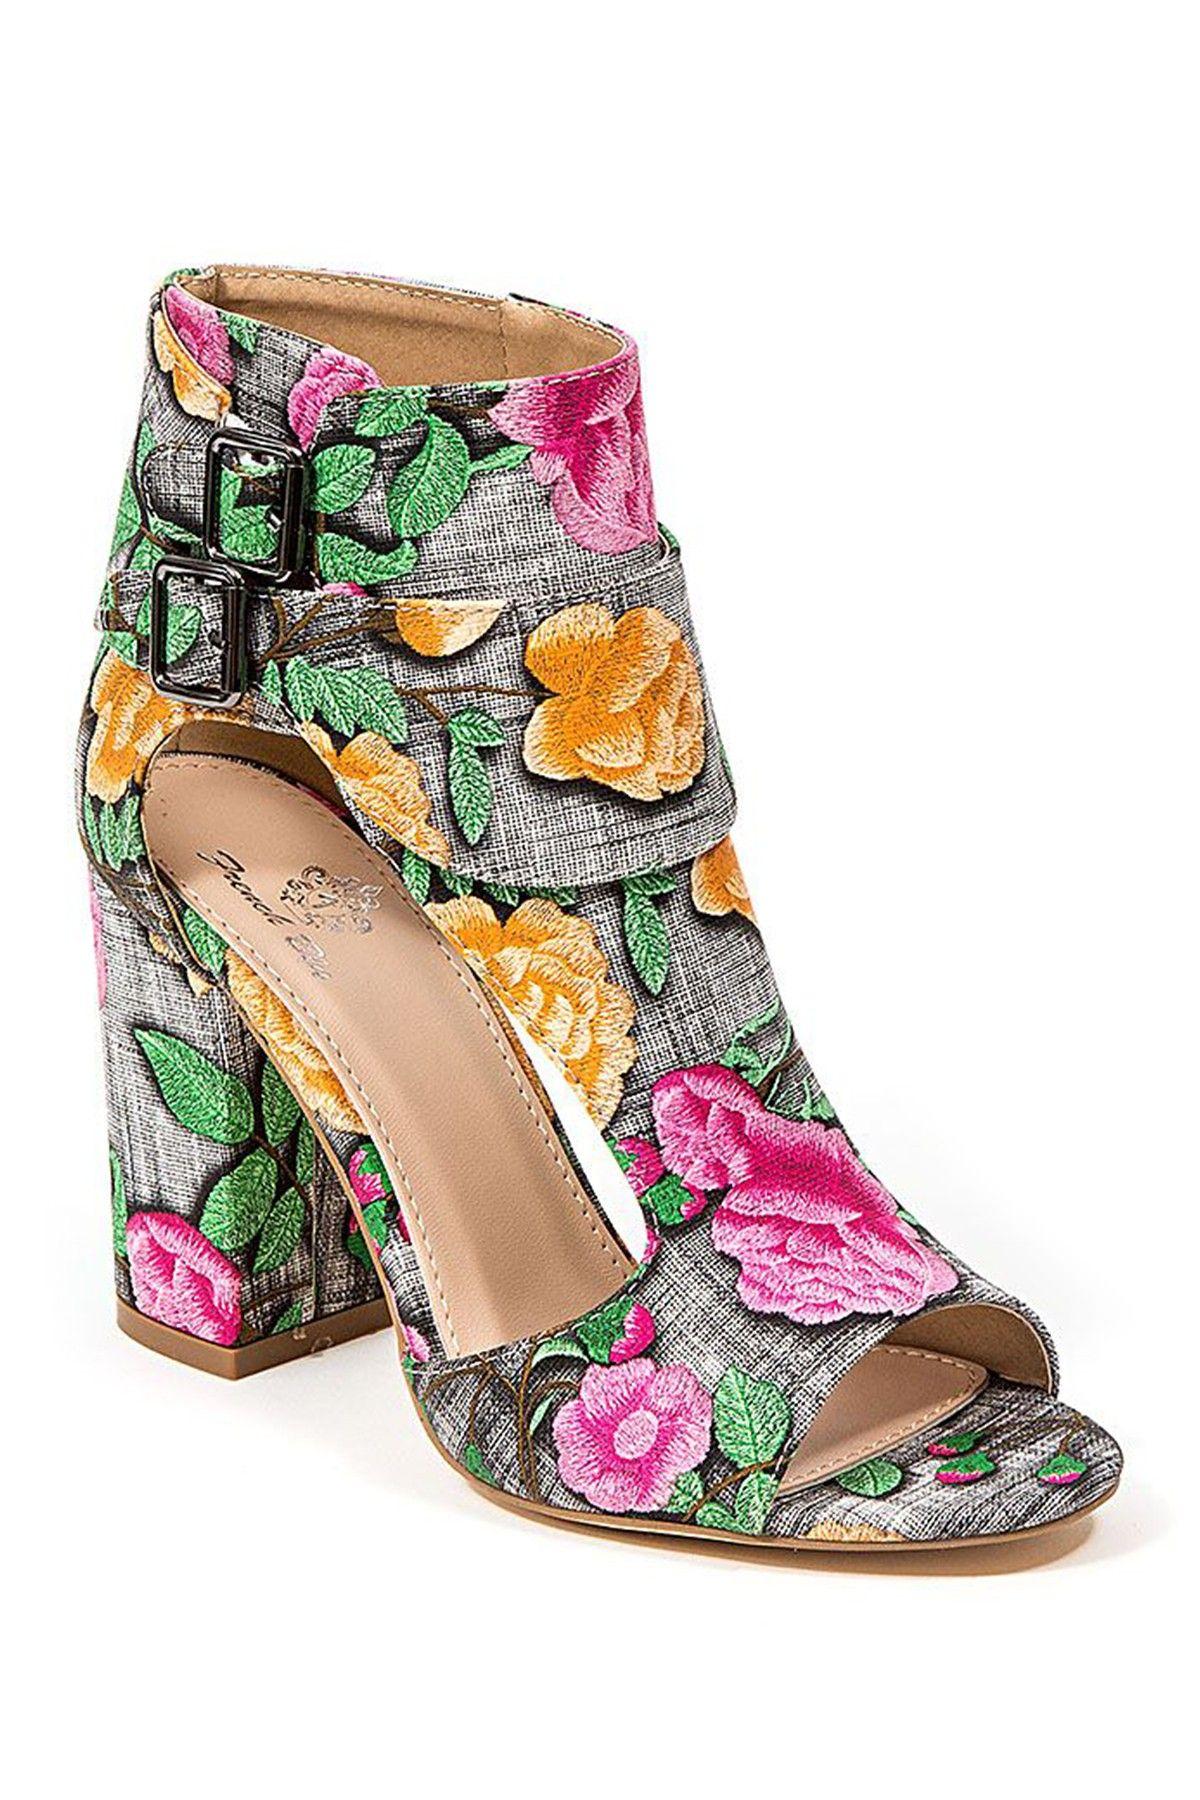 8883048dceb8 Allison Floral High Heel Sandal